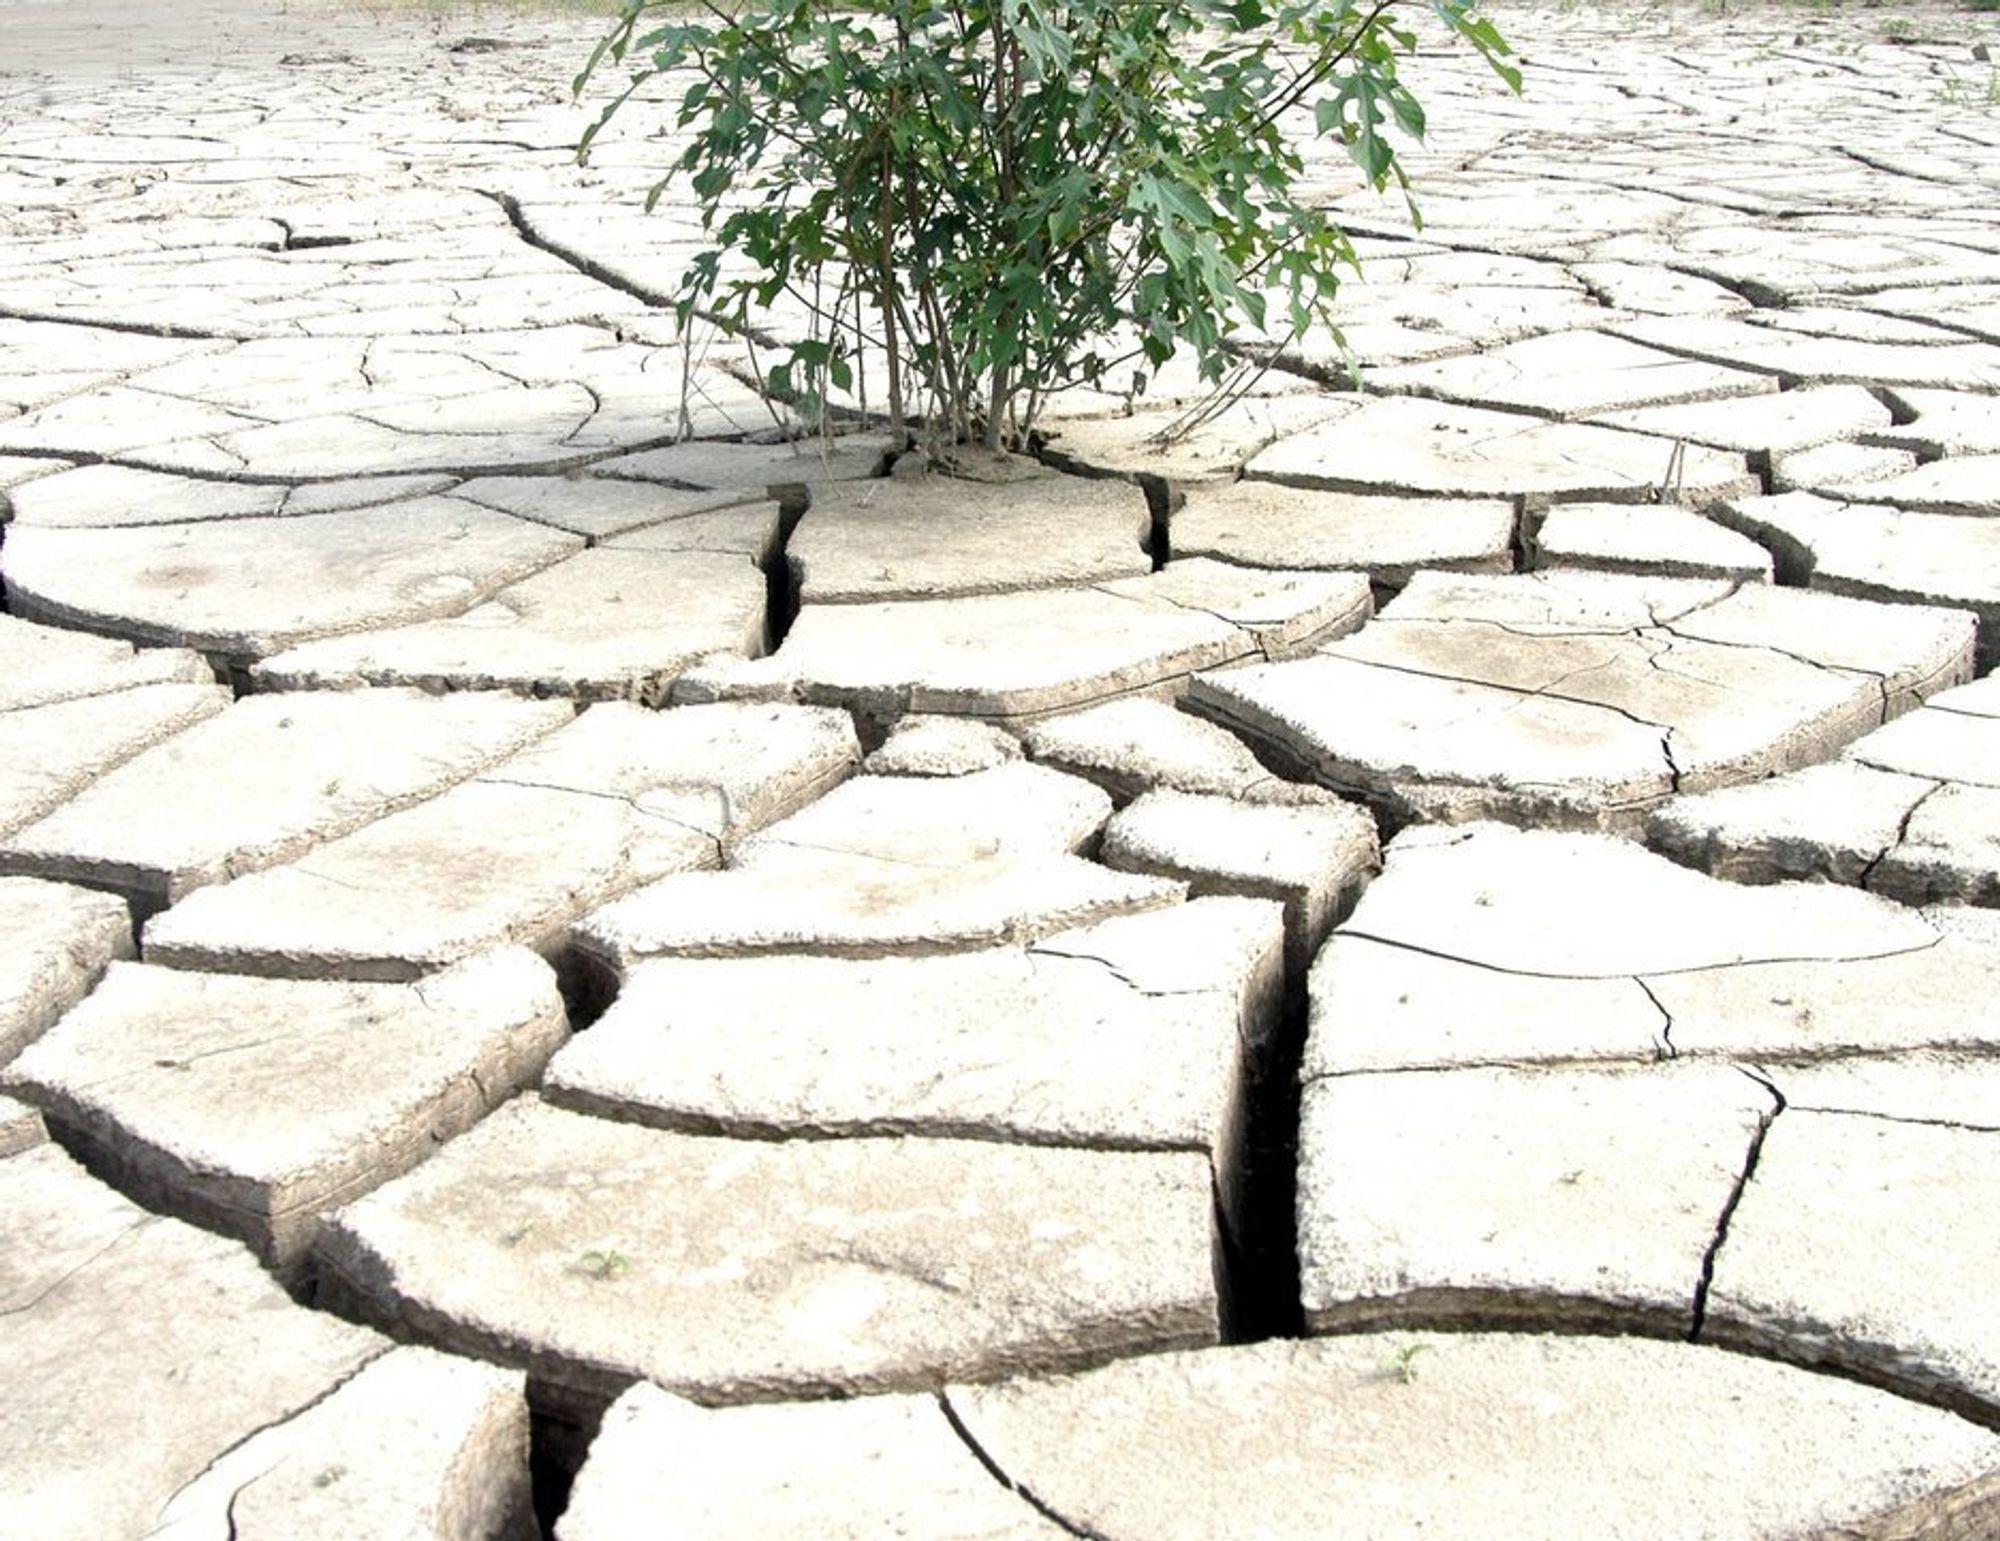 Tørke. Klima. Ørken.